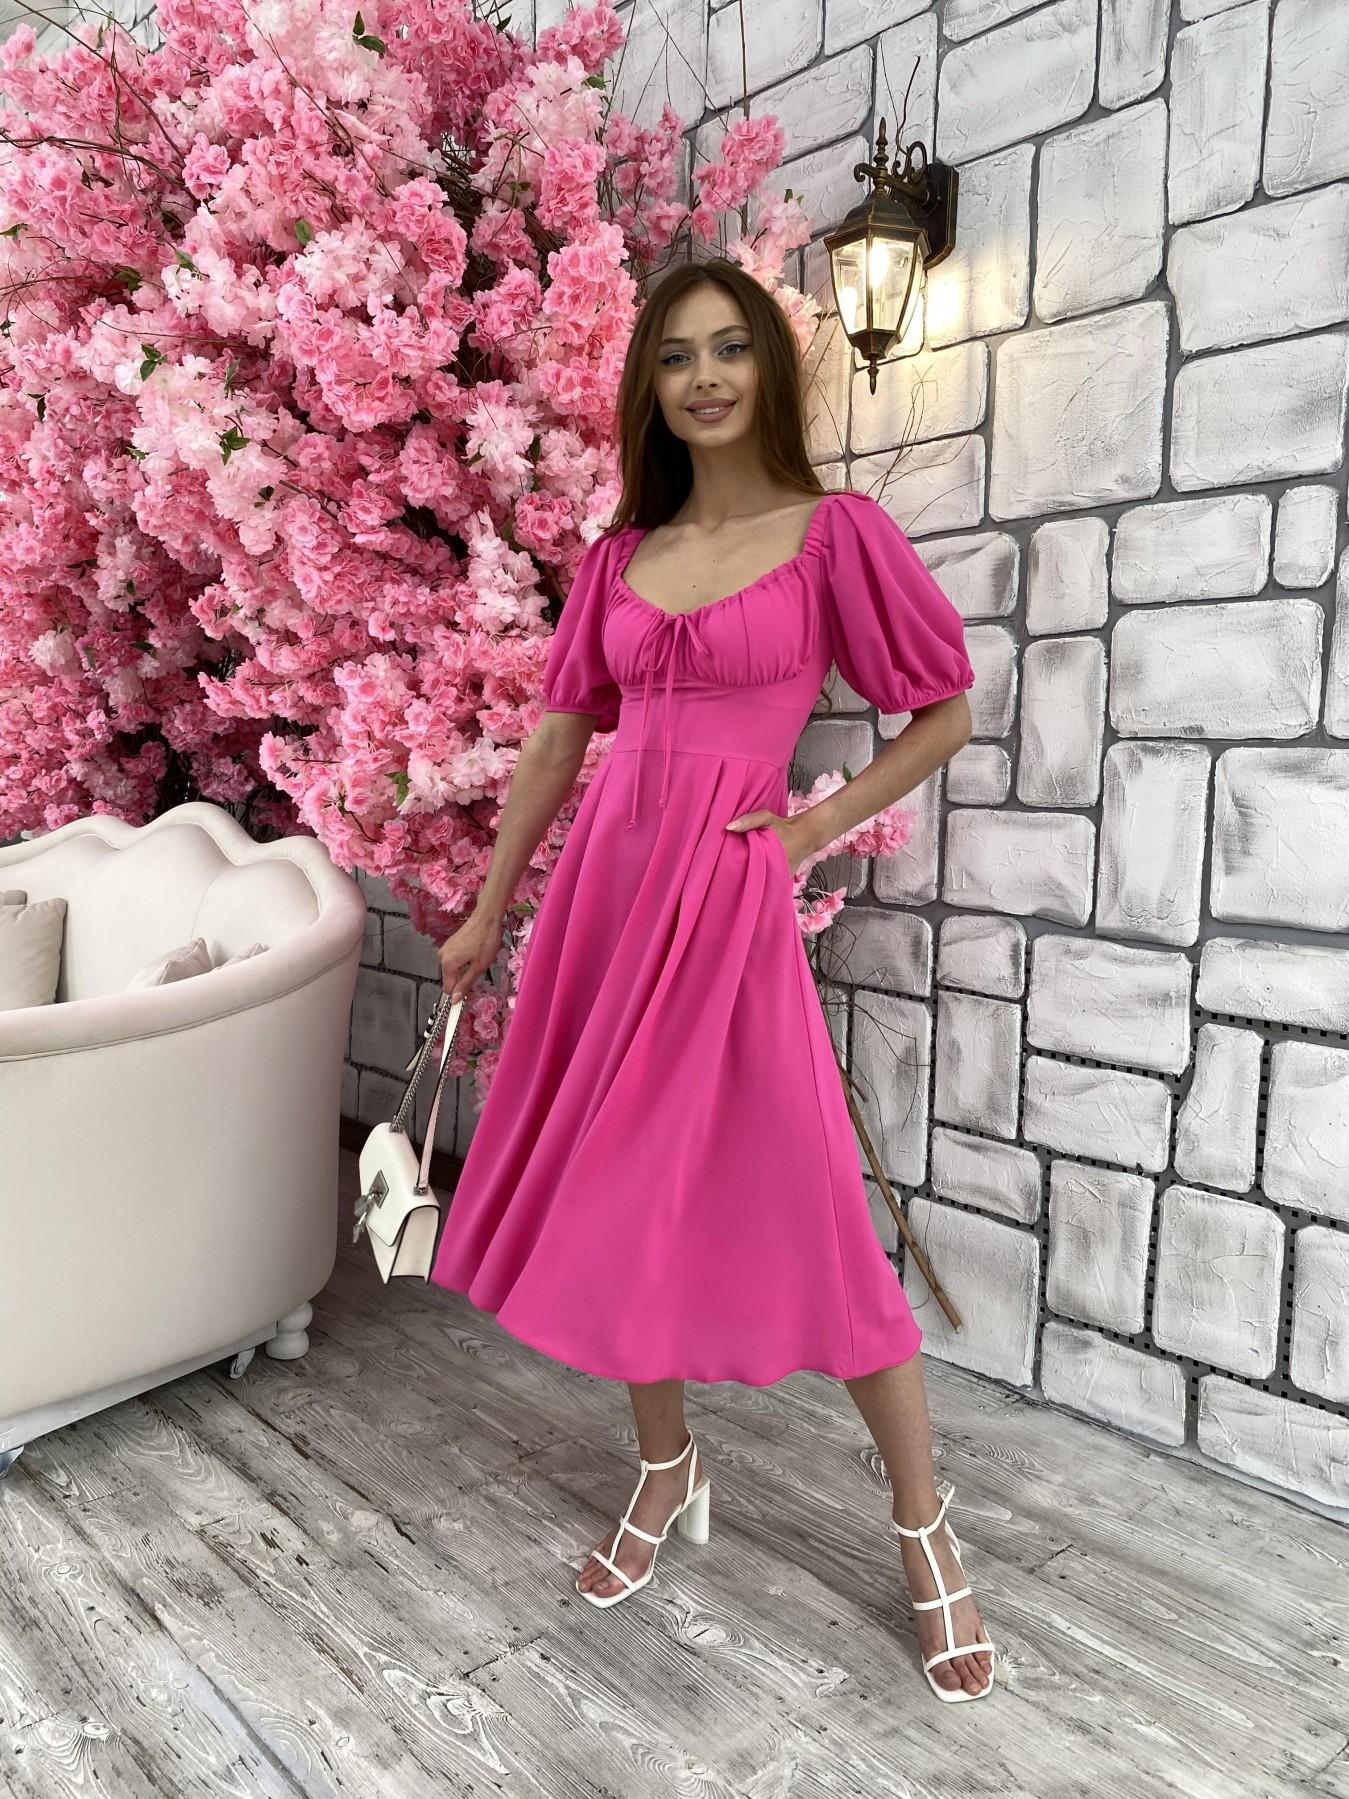 Кисес Миди платье из шифона креп 11443 АРТ. 48015 Цвет: Малиновый - фото 1, интернет магазин tm-modus.ru